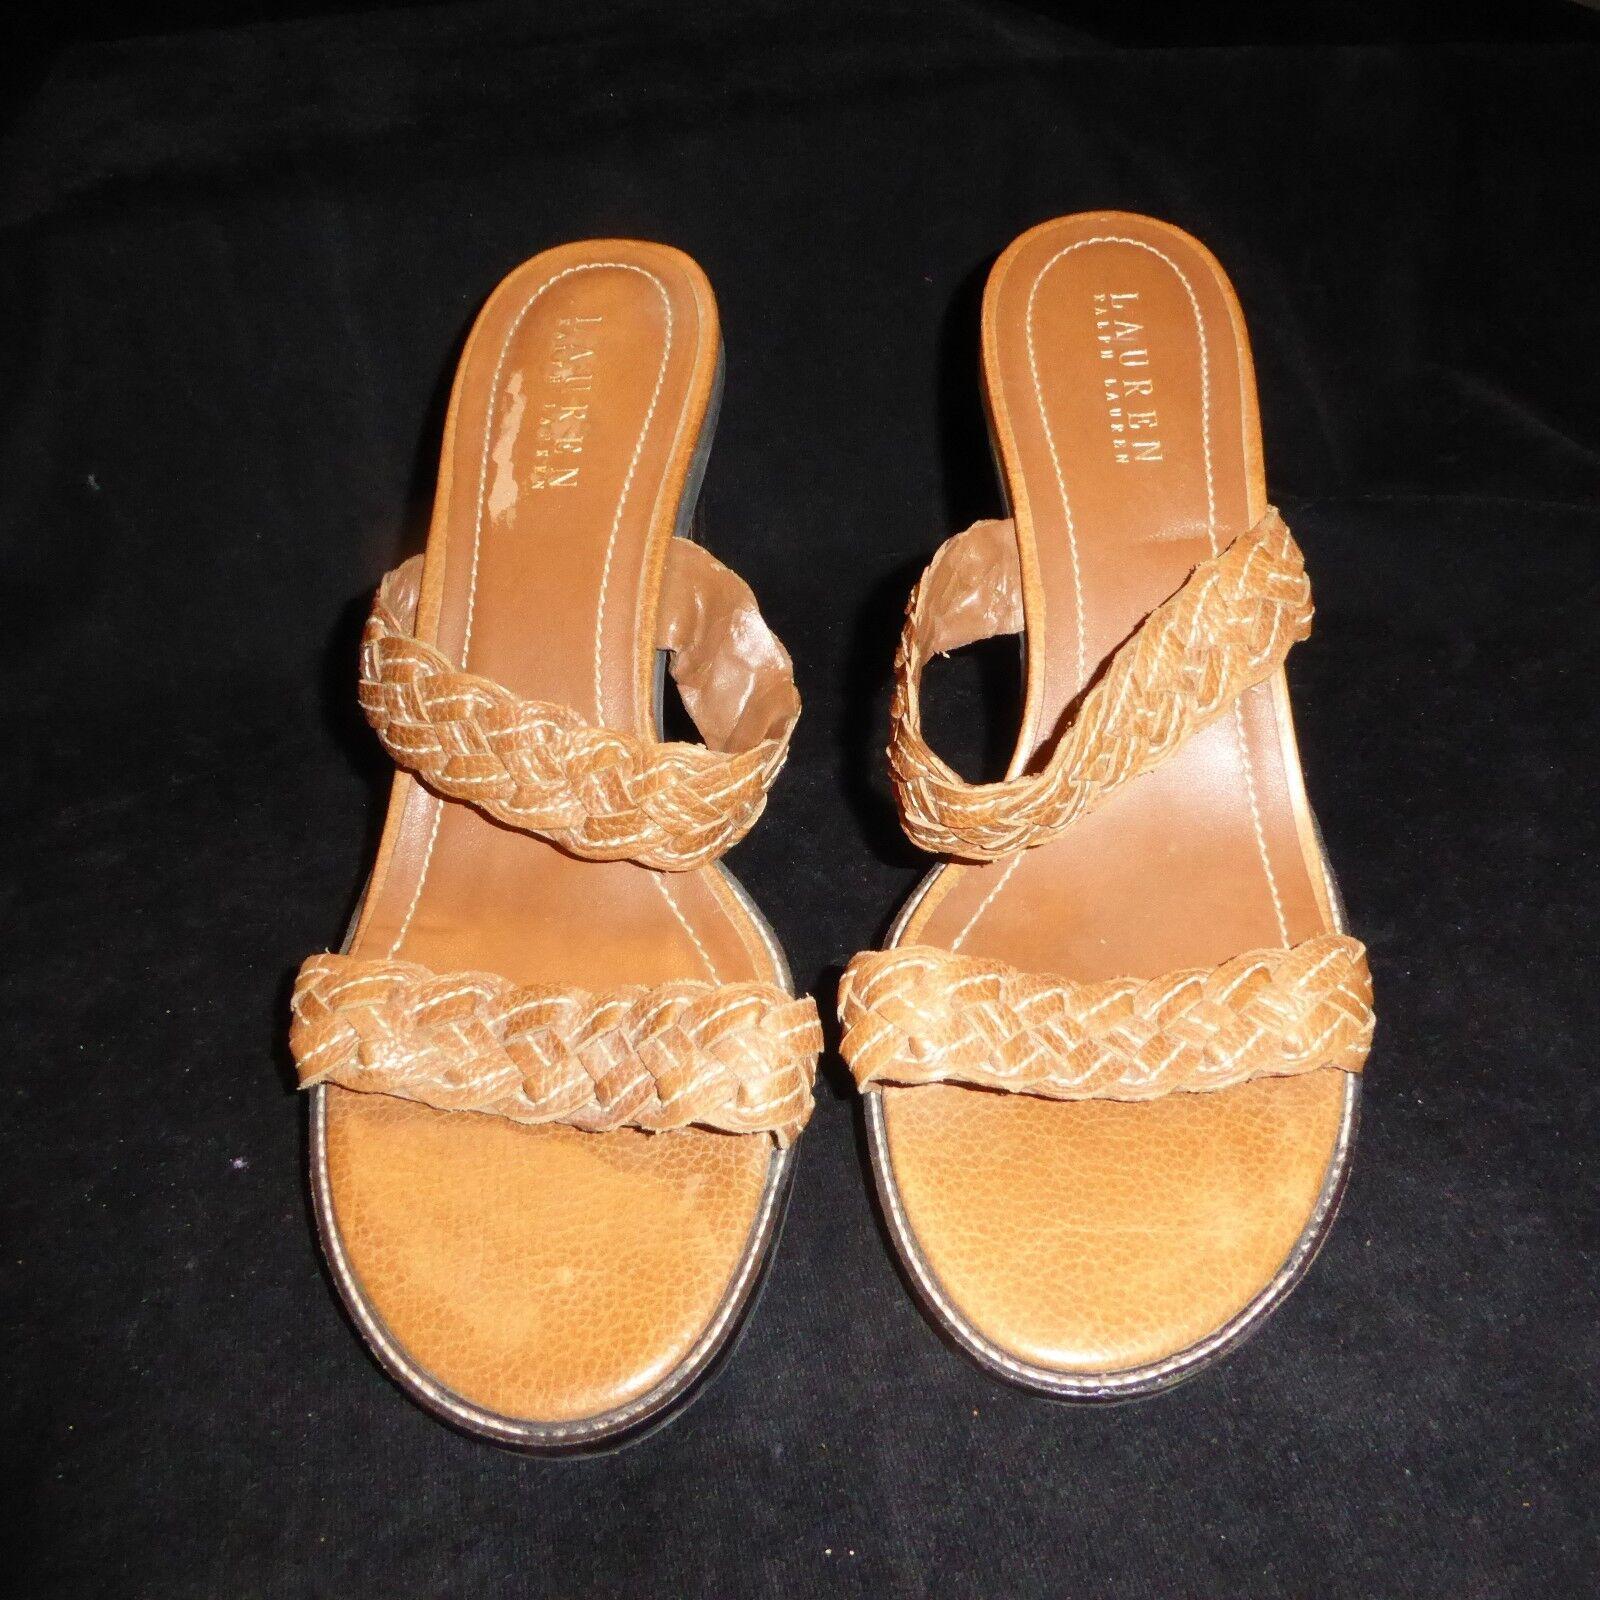 LAUREN RALPH LAUREN KARDELLE Brown Braided Leather Slip On Sandals 3 Heels 8 1/2